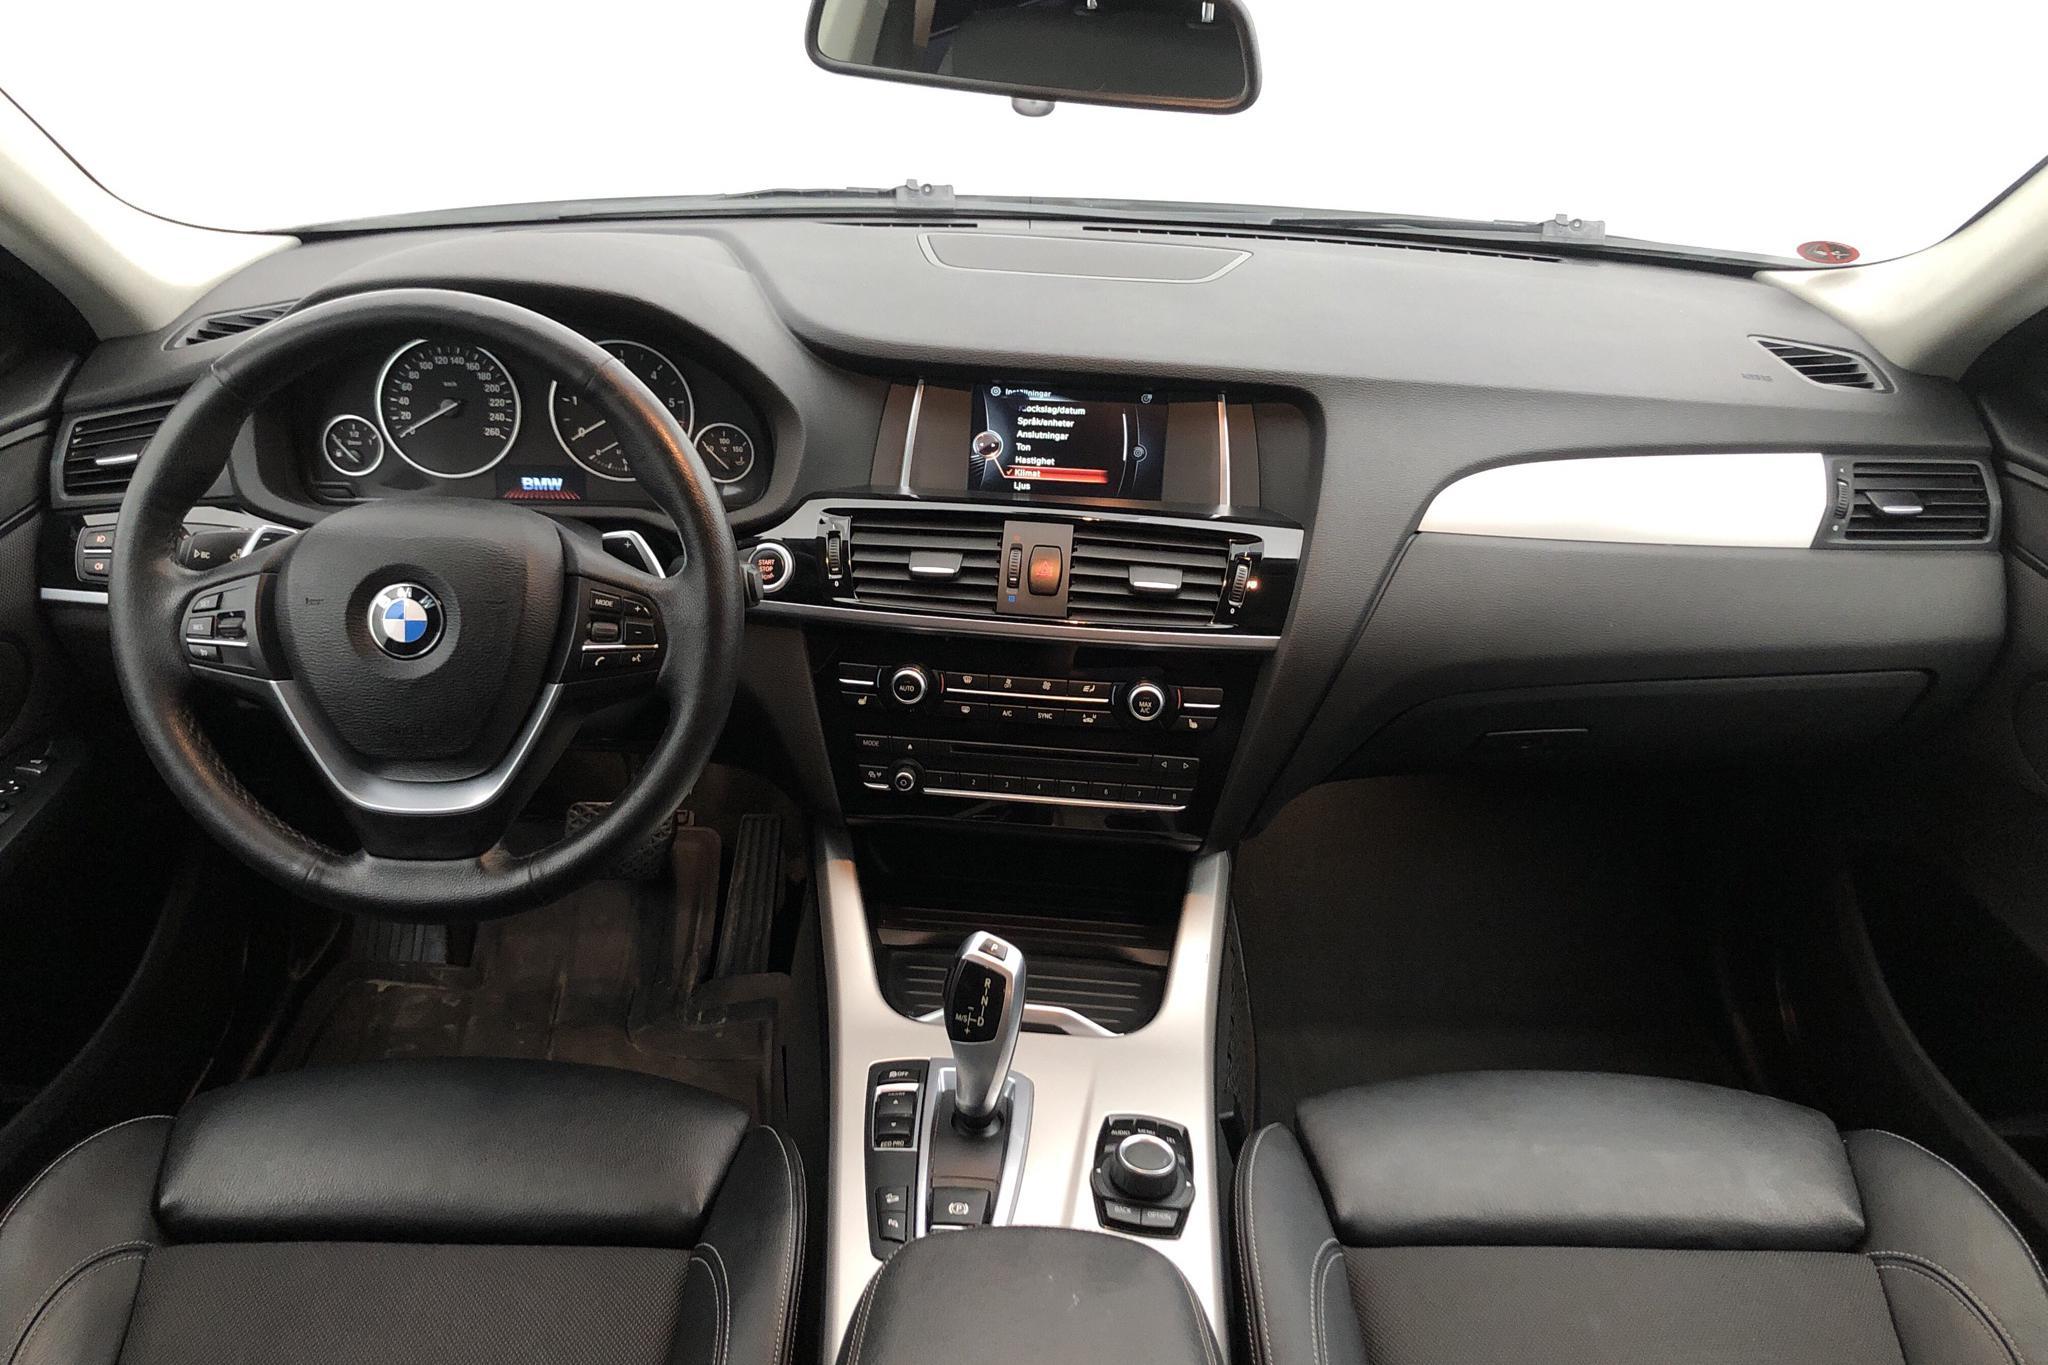 BMW X4 xDrive 20d, F26 (190hk) - 129 850 km - Automatic - white - 2016